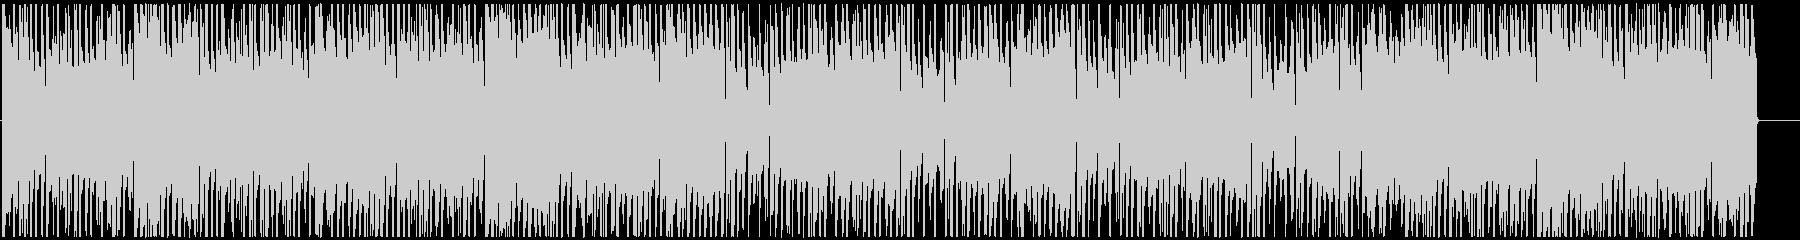 チルアウト 柔らかなR&Bバラードの未再生の波形